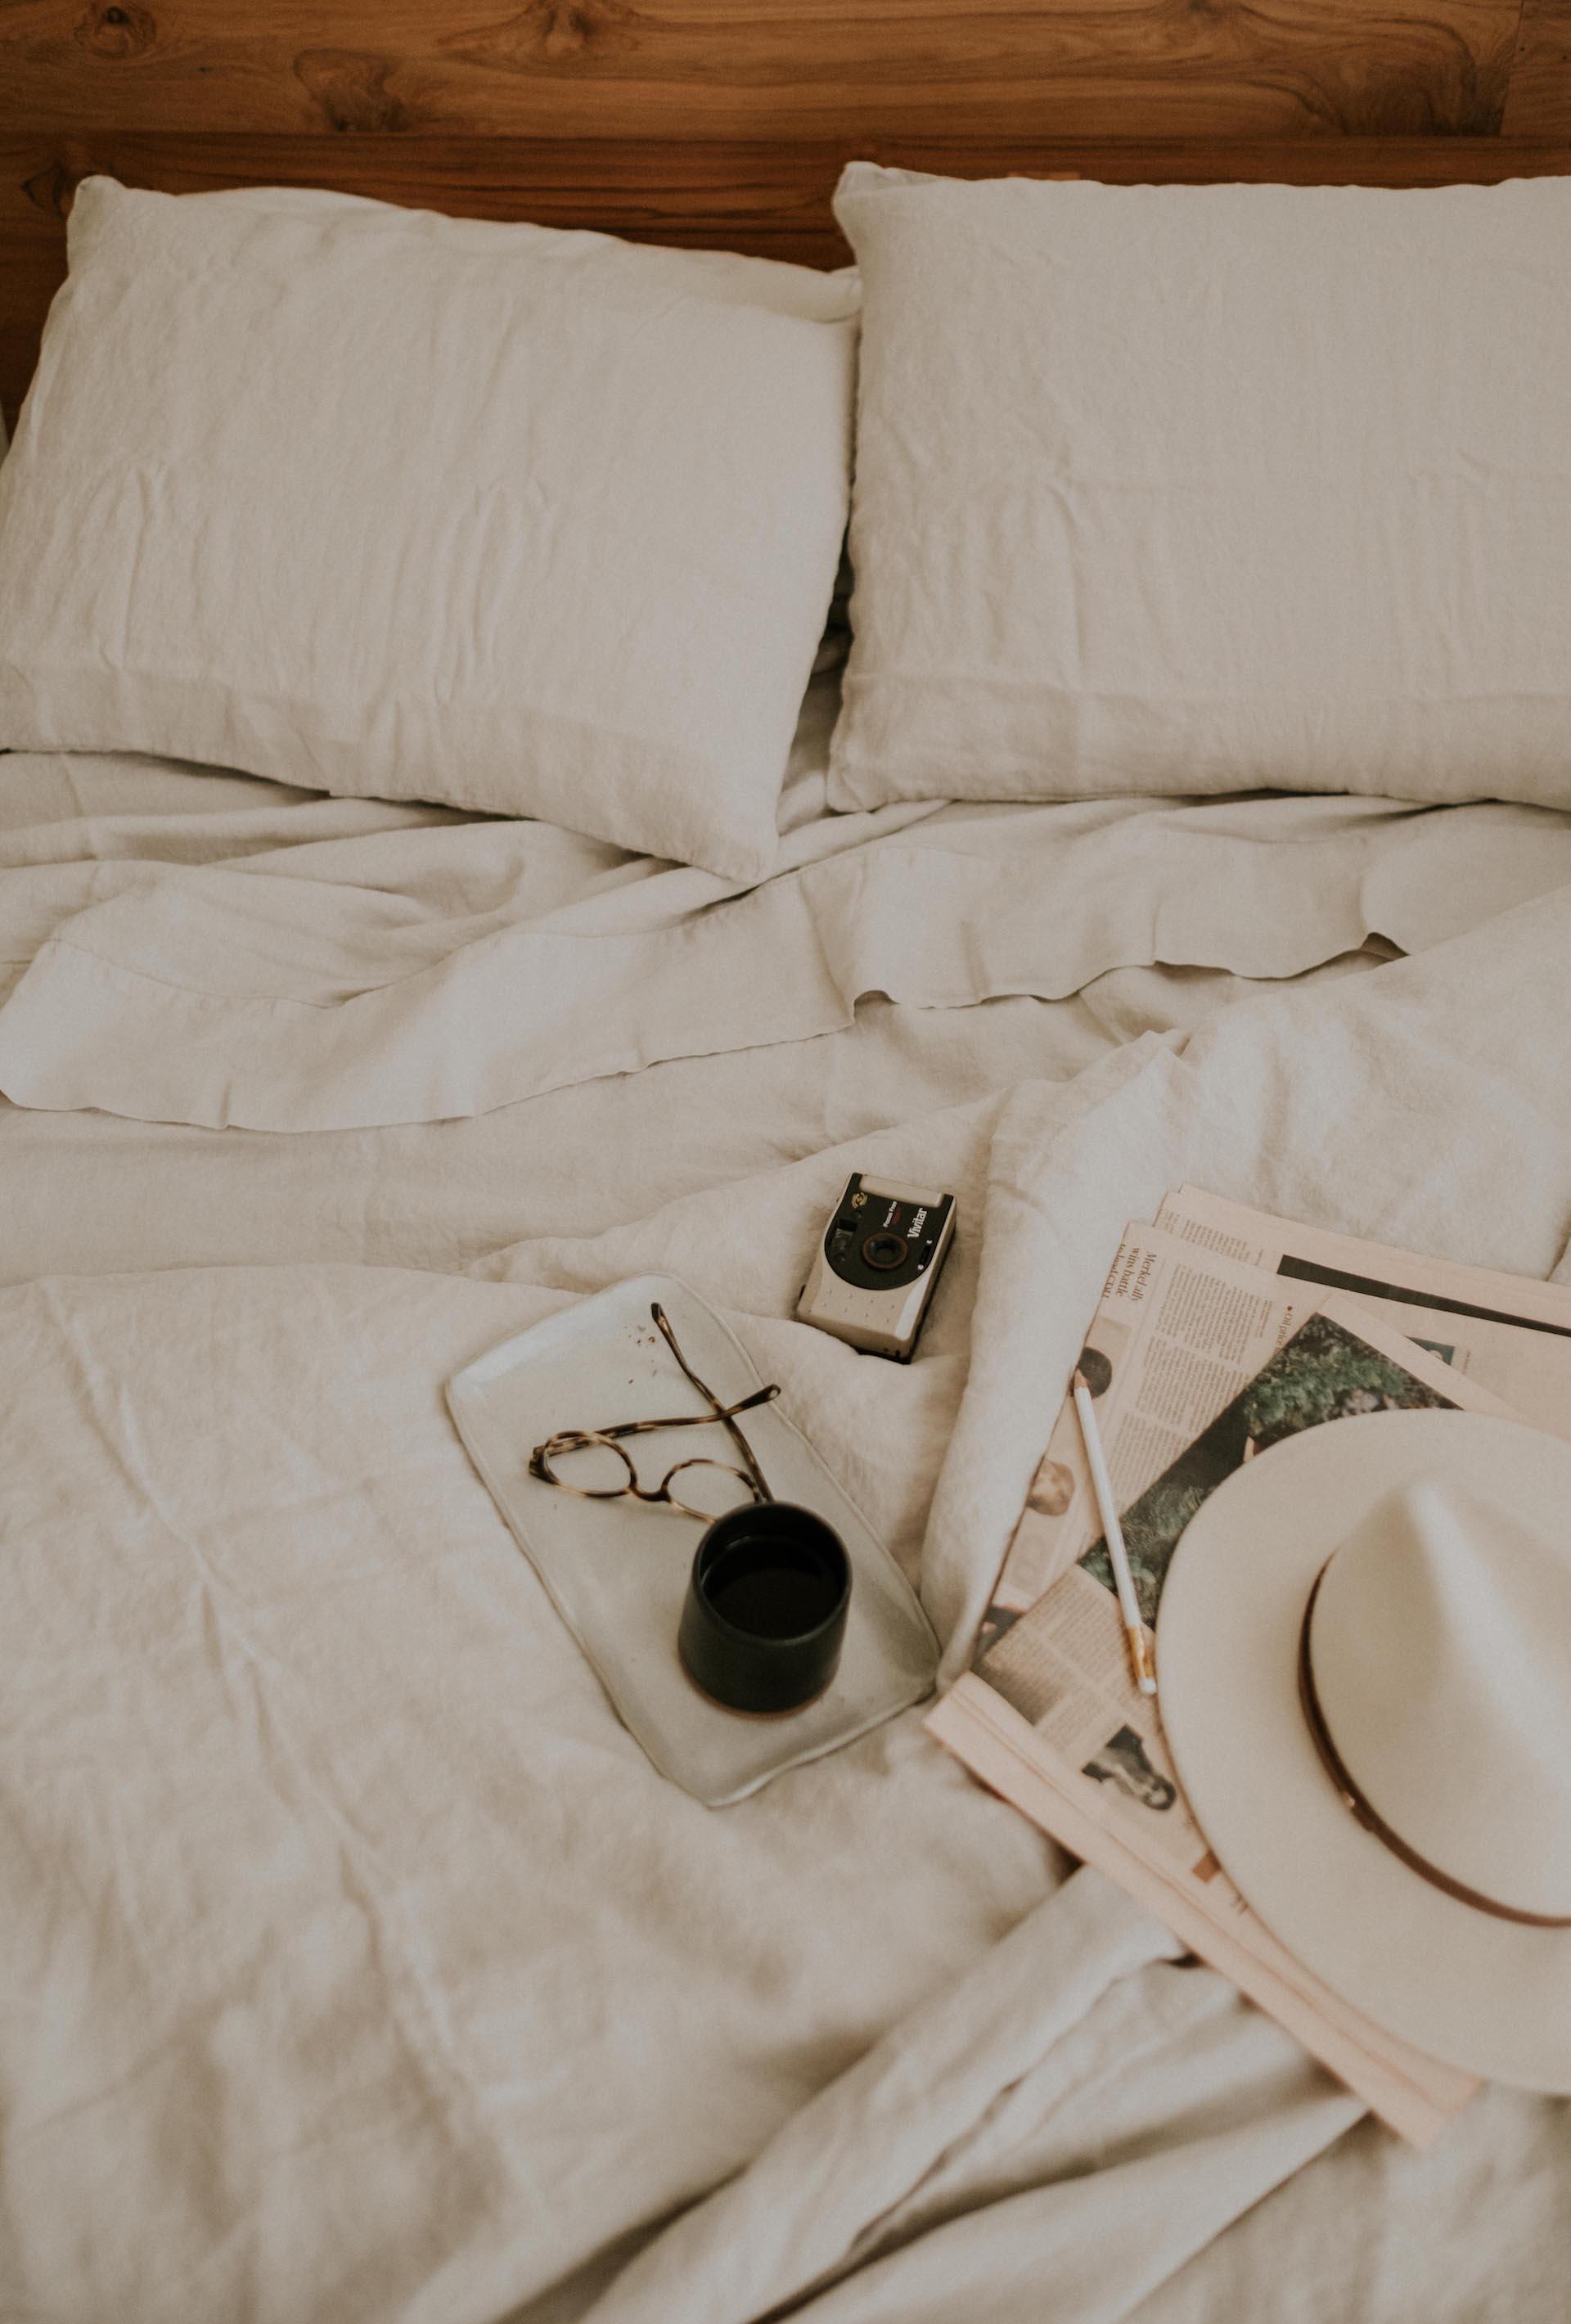 Linen Bedding:  Parachute